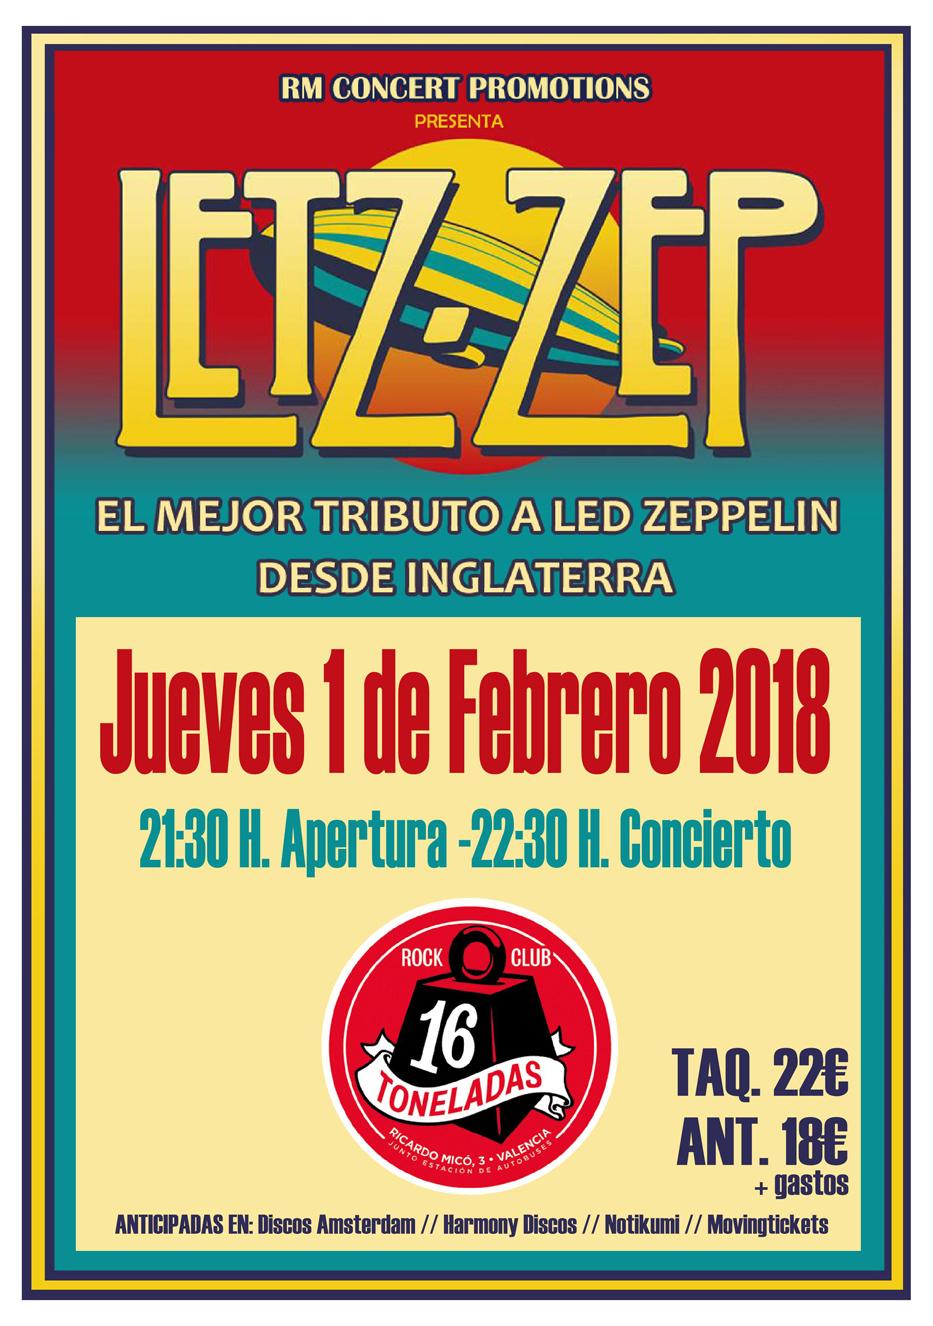 16-t-led-zep-cartel-web